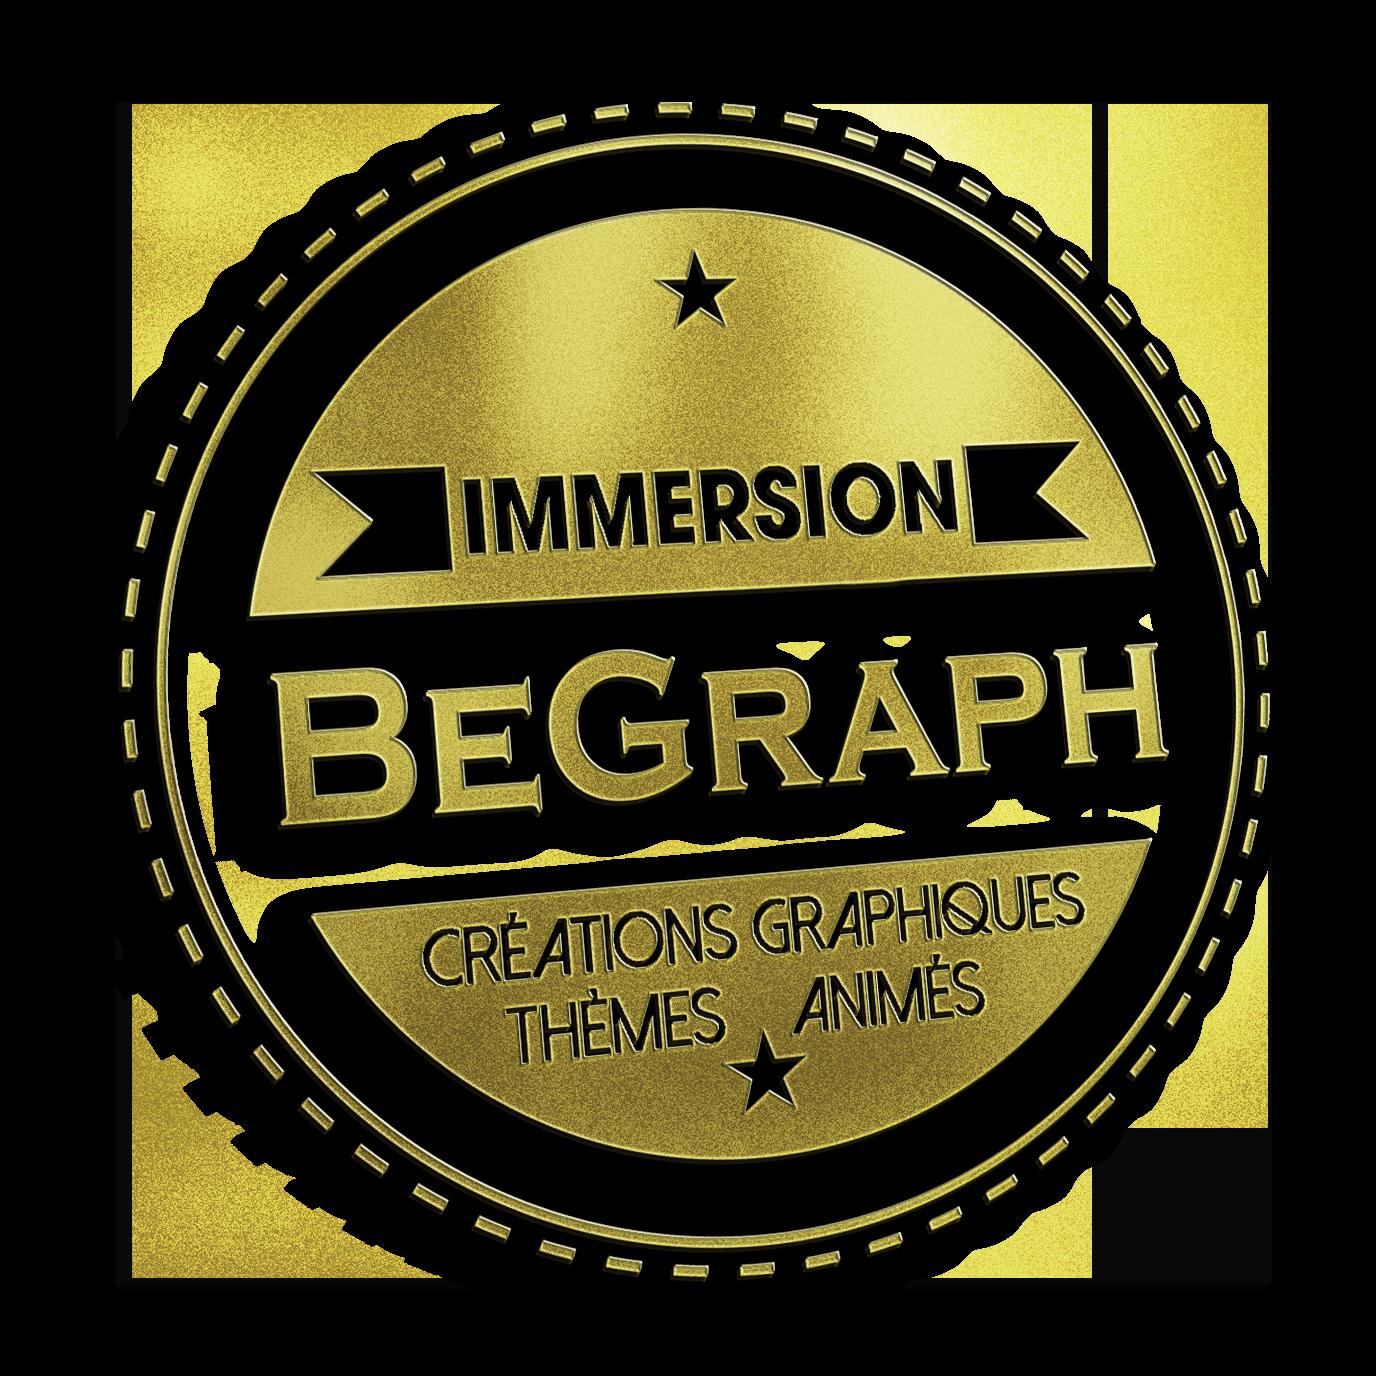 begraph